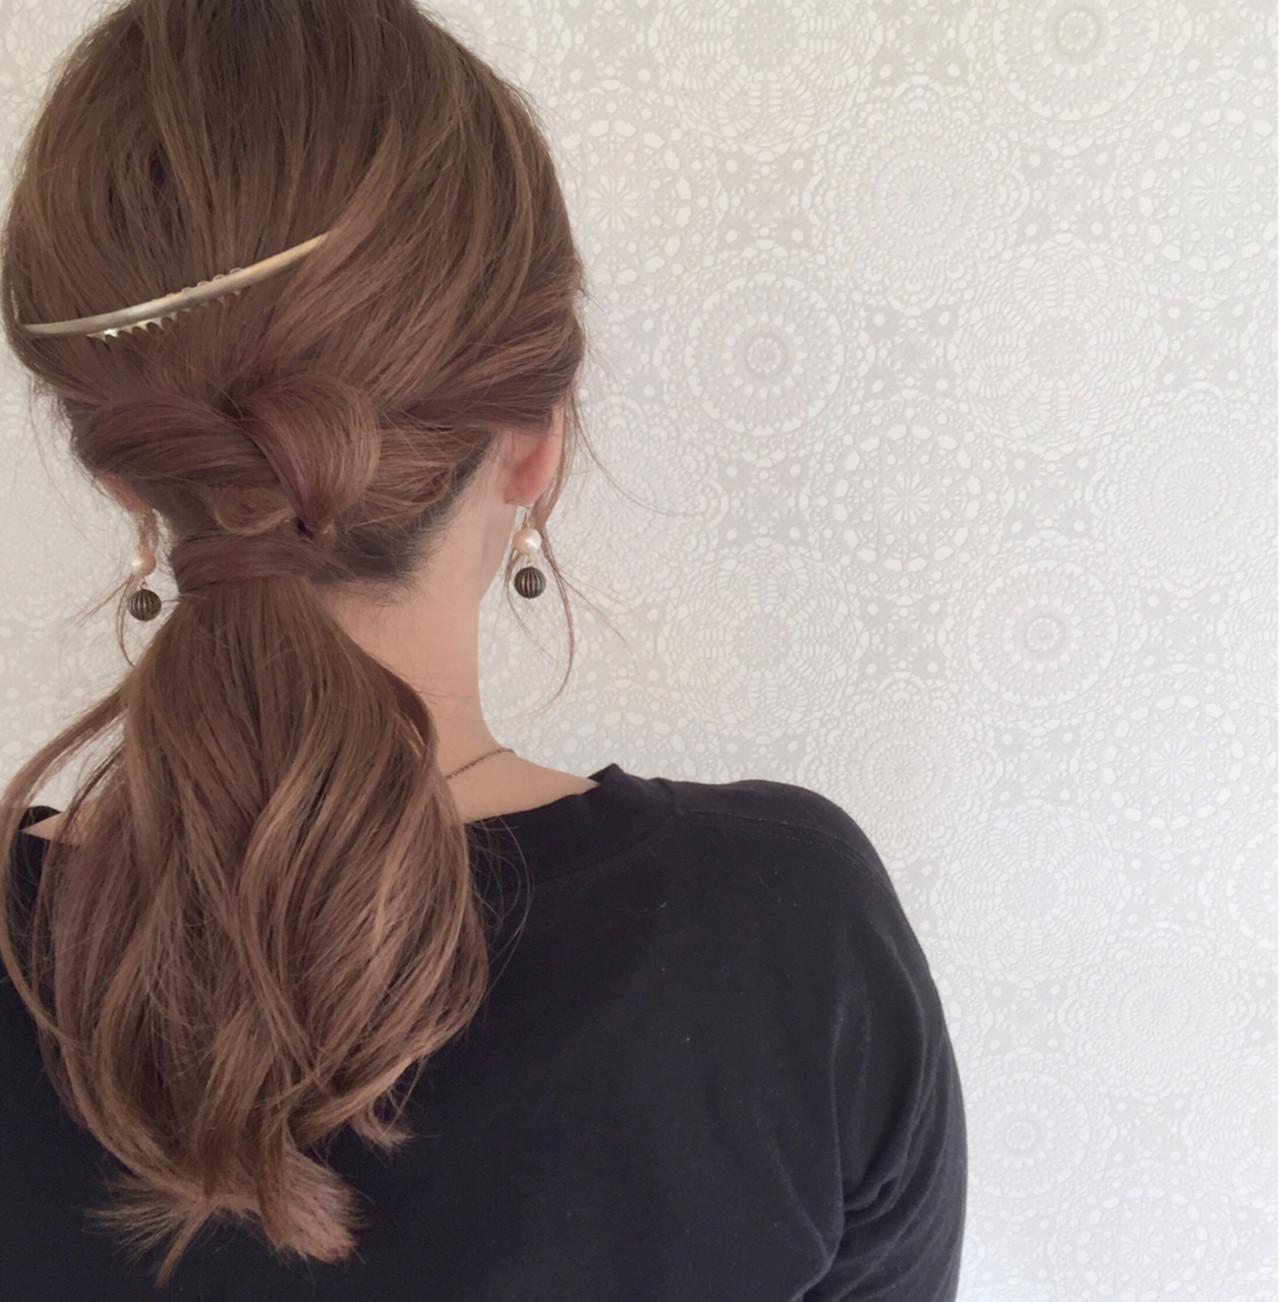 ローポニーテール ショート 簡単ヘアアレンジ 編み込み ヘアスタイルや髪型の写真・画像